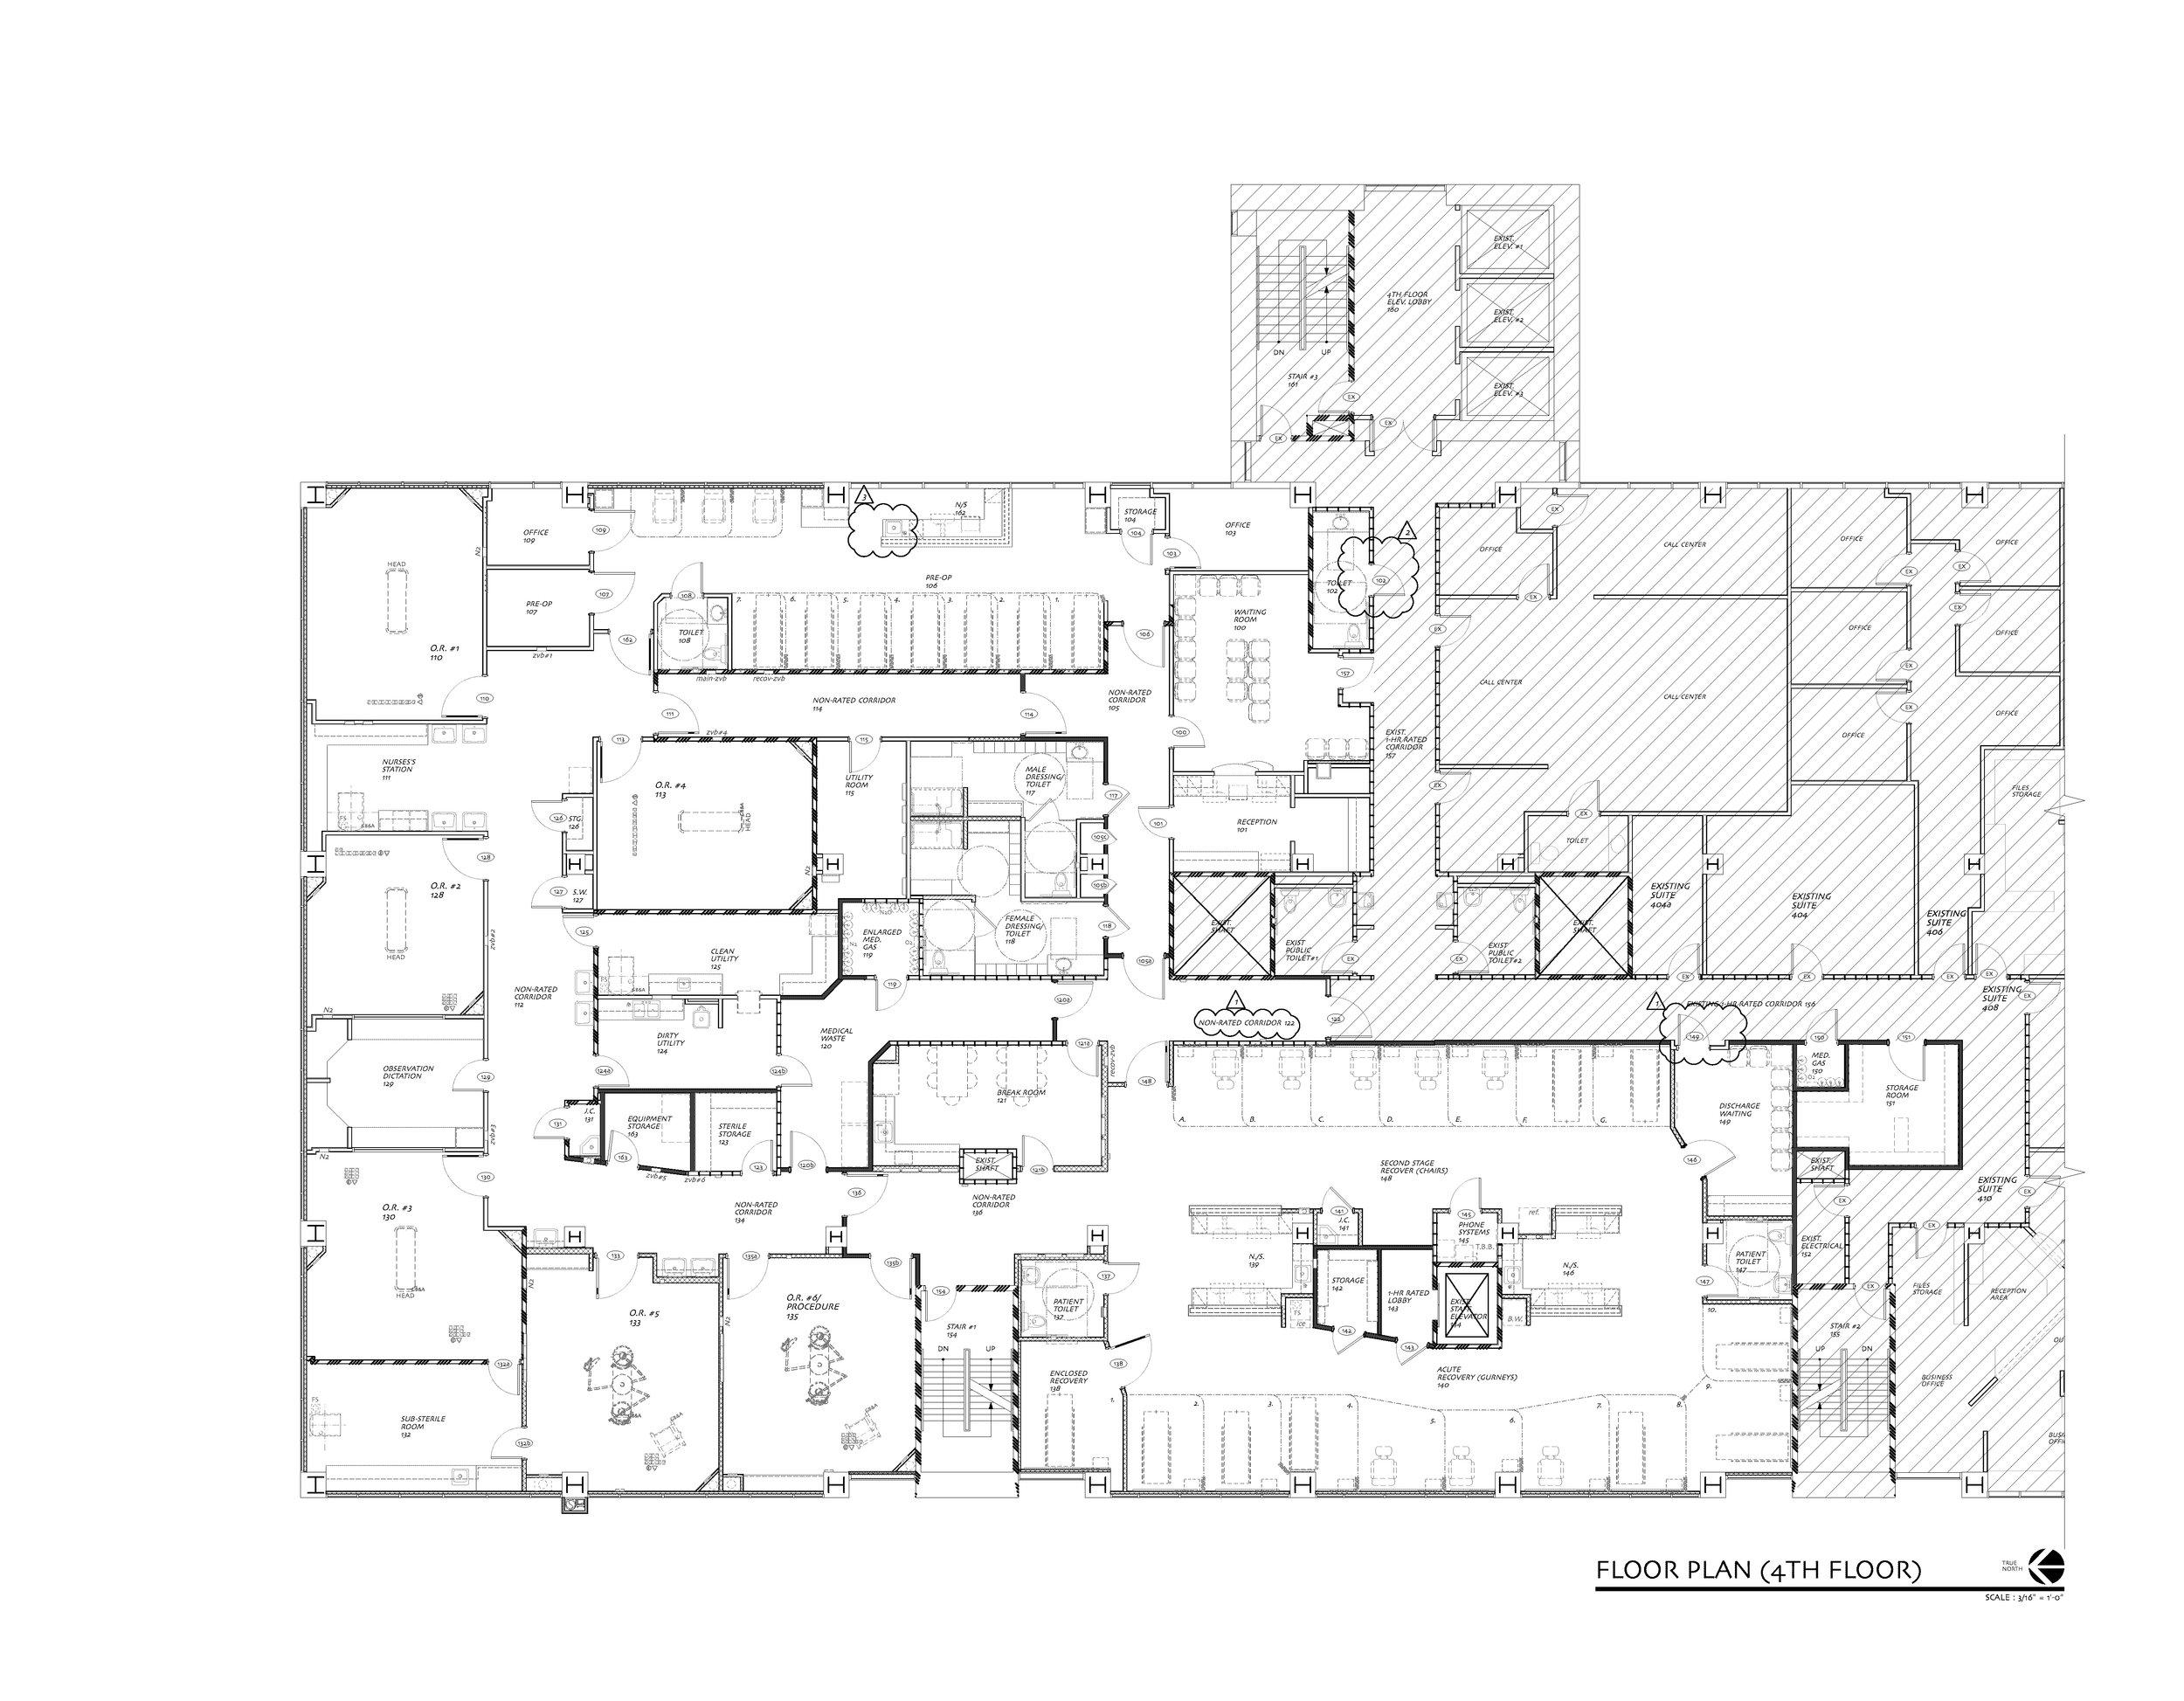 Van Nuys Floor Plan.jpg